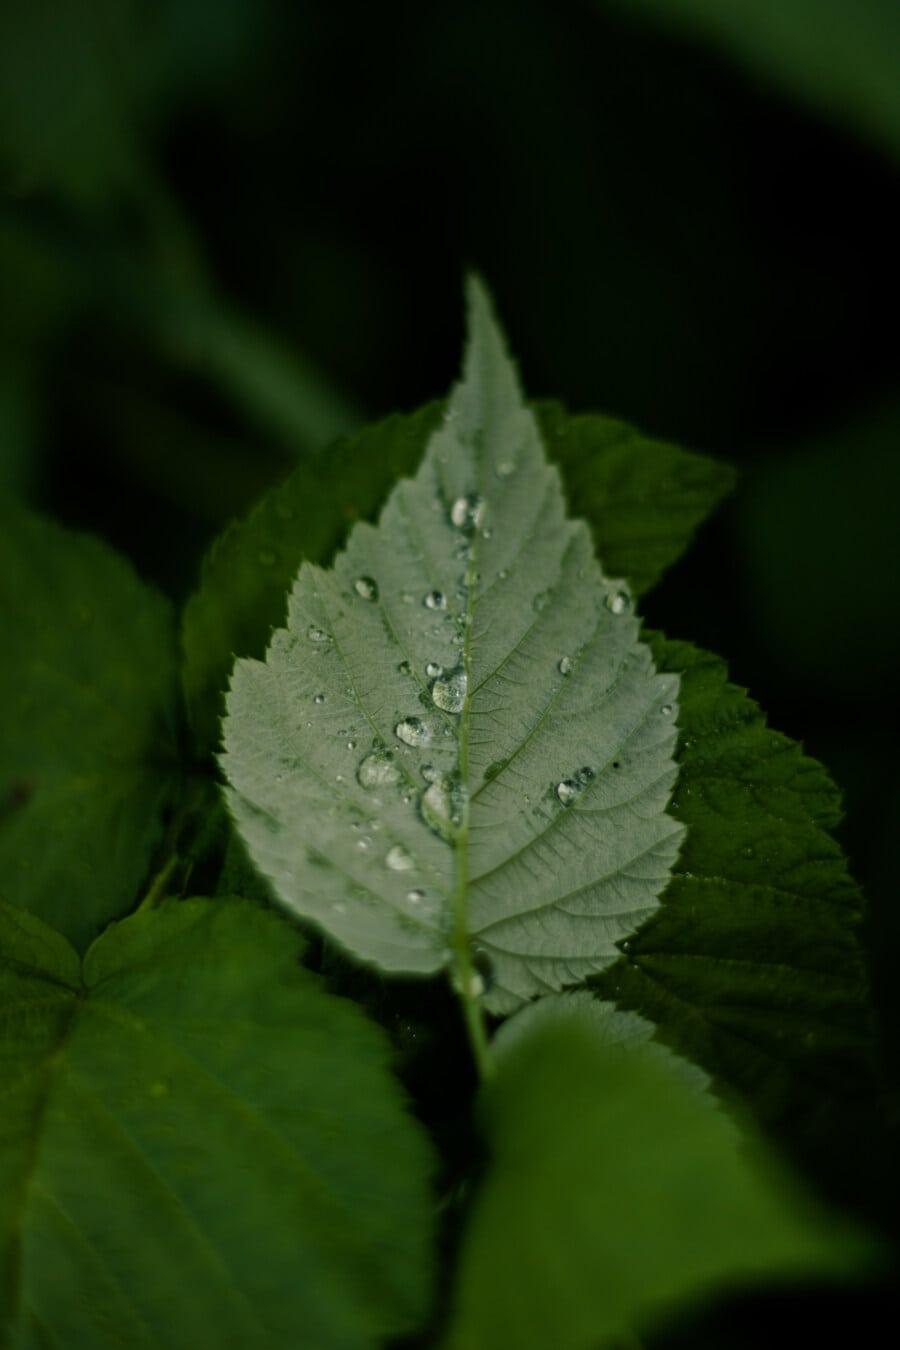 водна капка, зелени листа, влага, чистота, роса, сянка, тъмно зелено, природата, дъжд, растителна